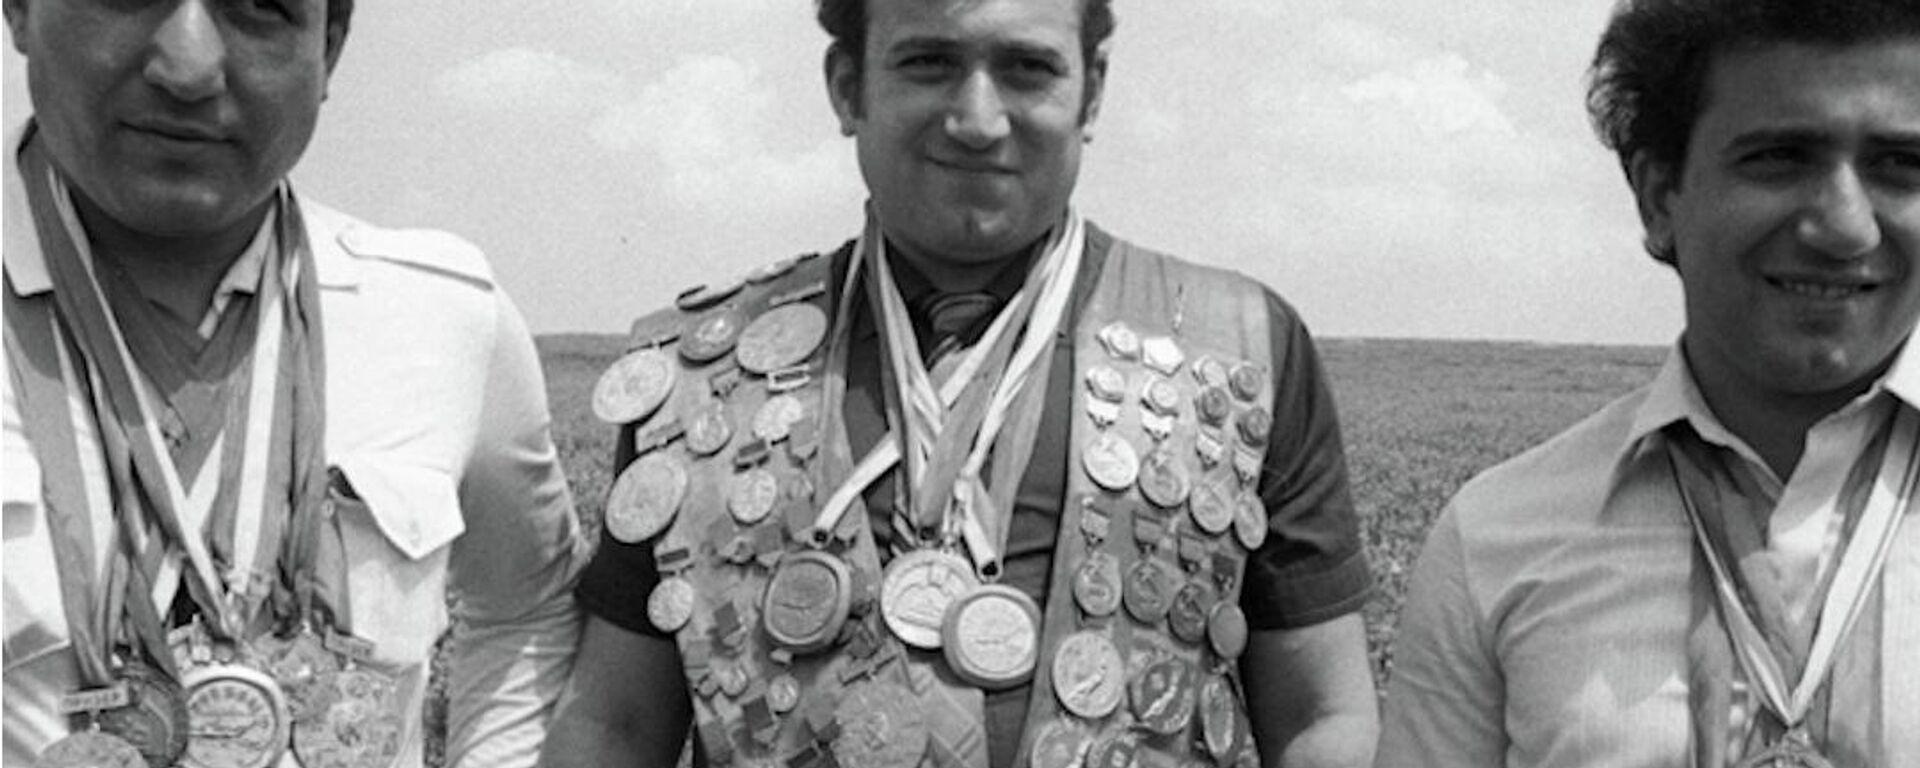 Το απίστευτο κατόρθωμα του πρωταθλητή κολύμβησης που έσωσε 20 επιβάτες τρόλεϊ από βέβαιο πνιγμό  - Sputnik Ελλάδα, 1920, 12.10.2021